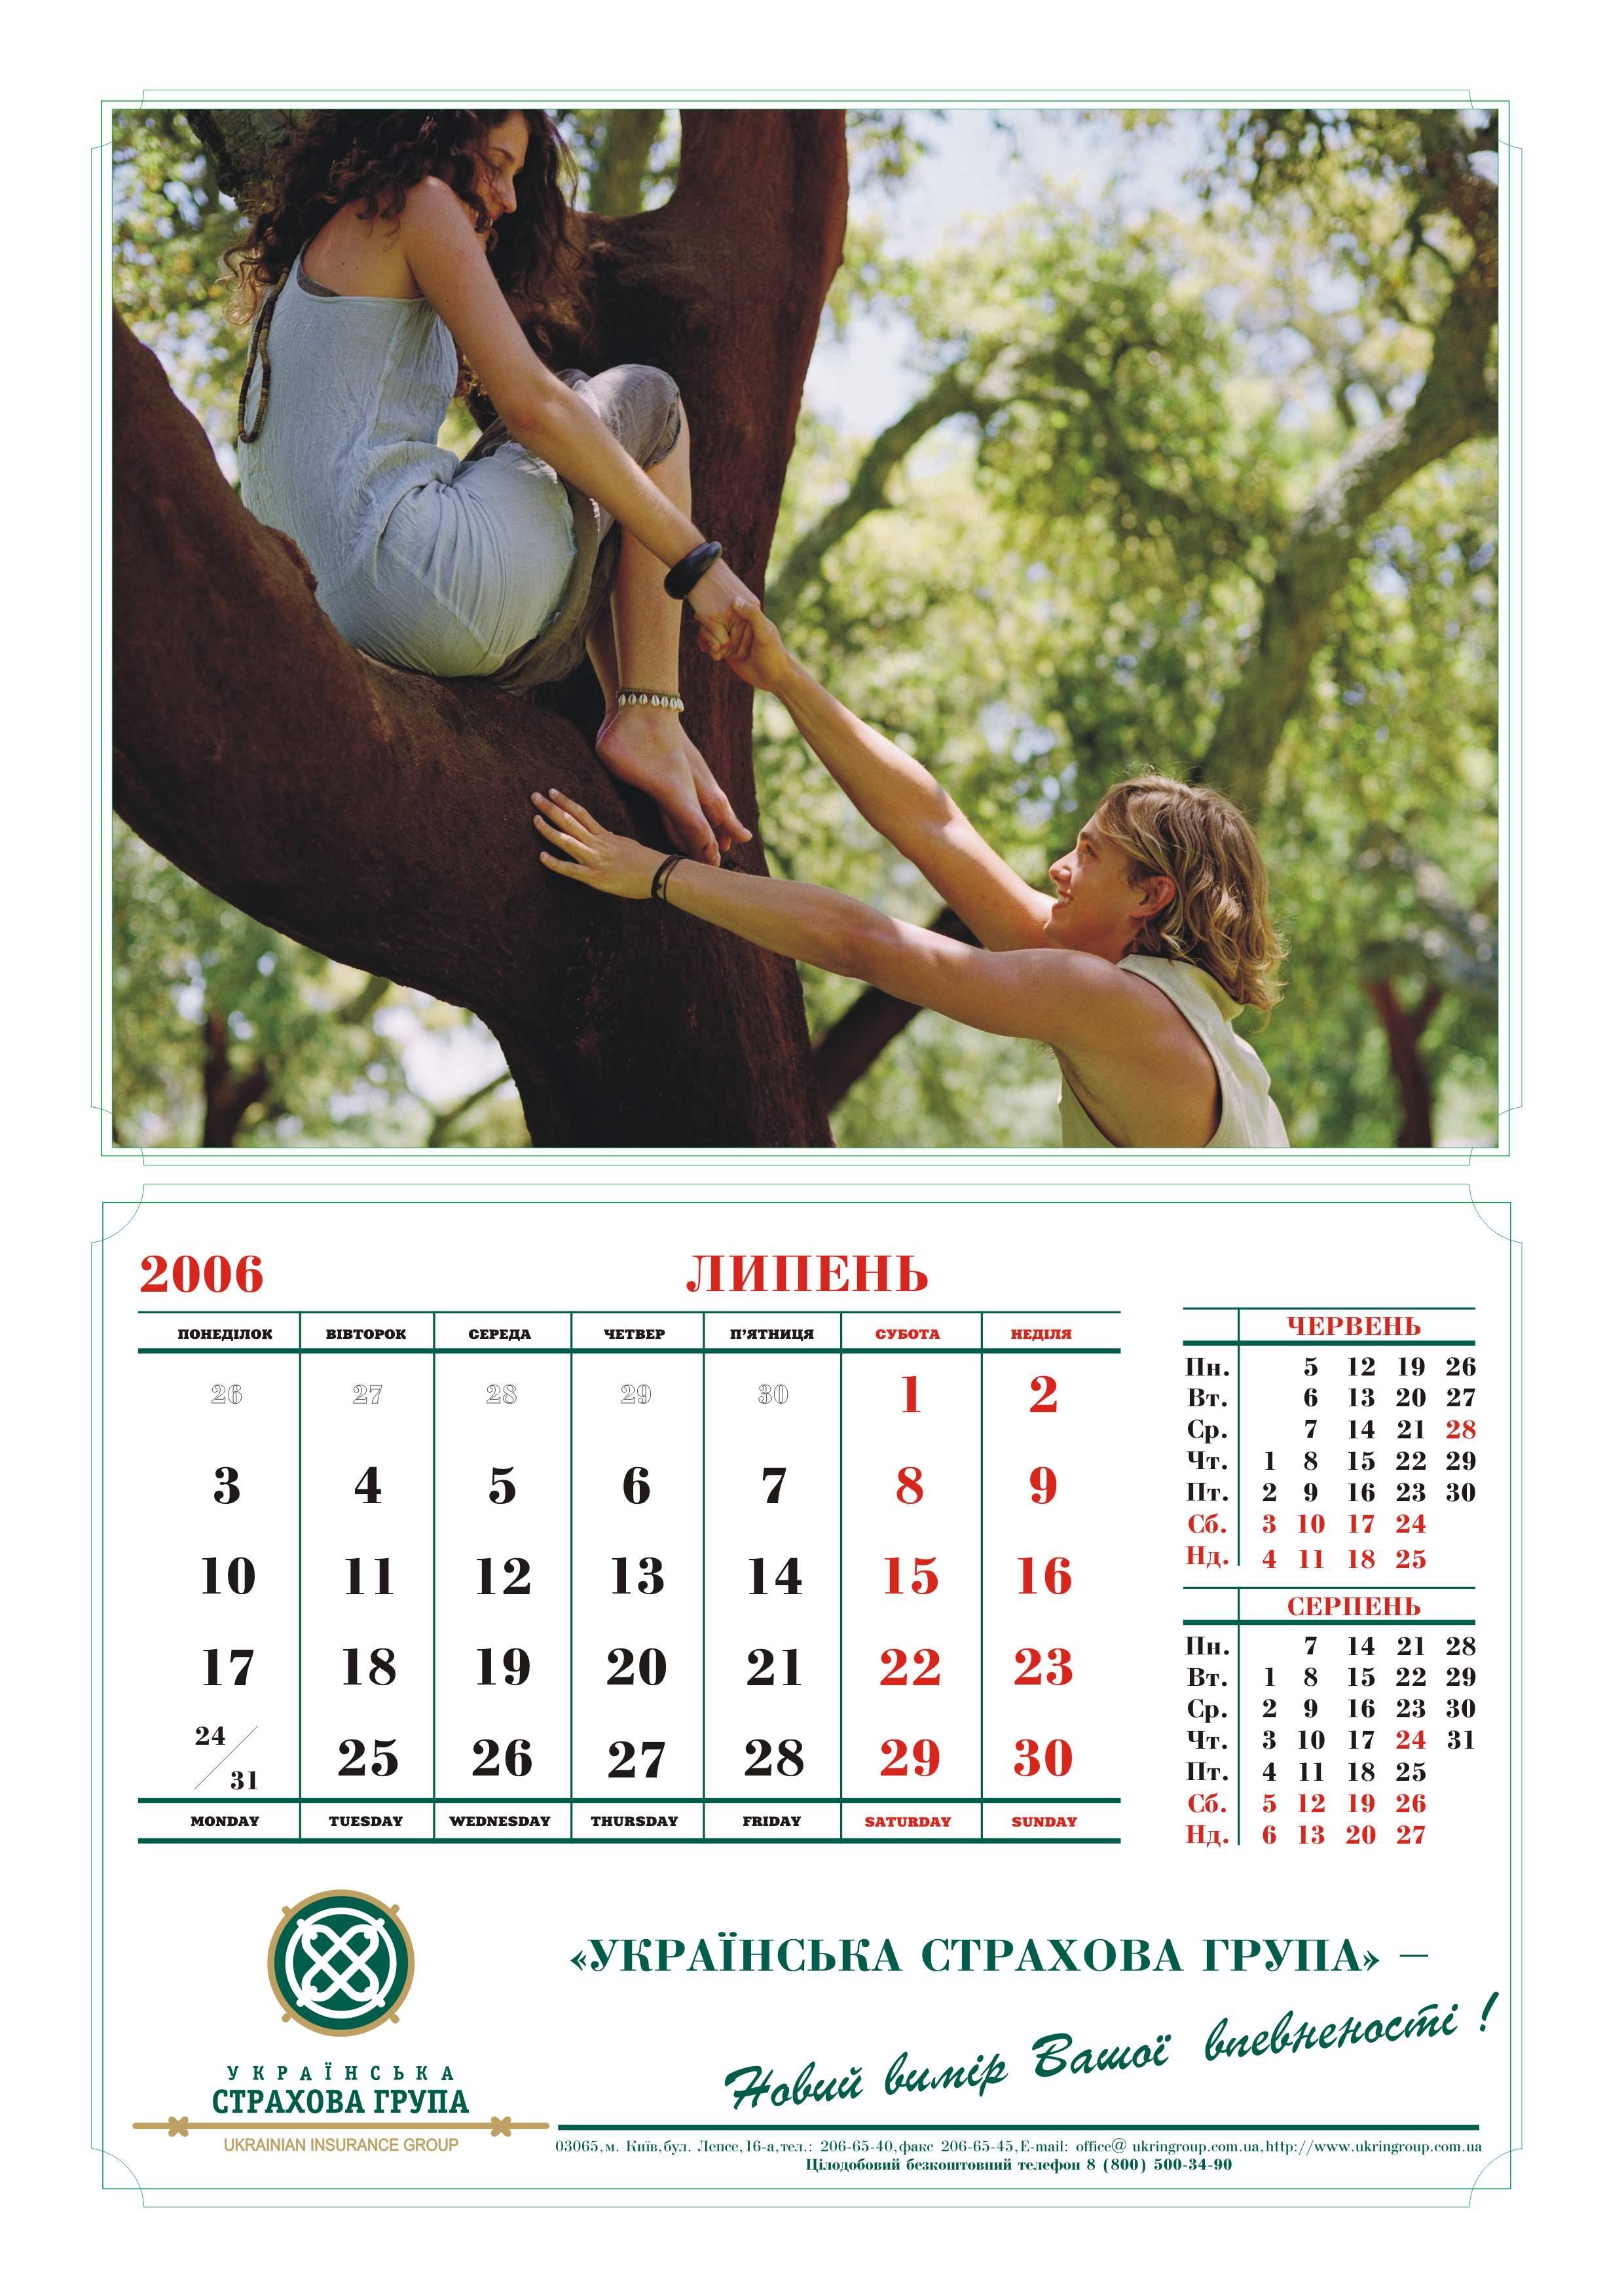 Дизайн настенного перекидного календаря для страховой компании. Июль